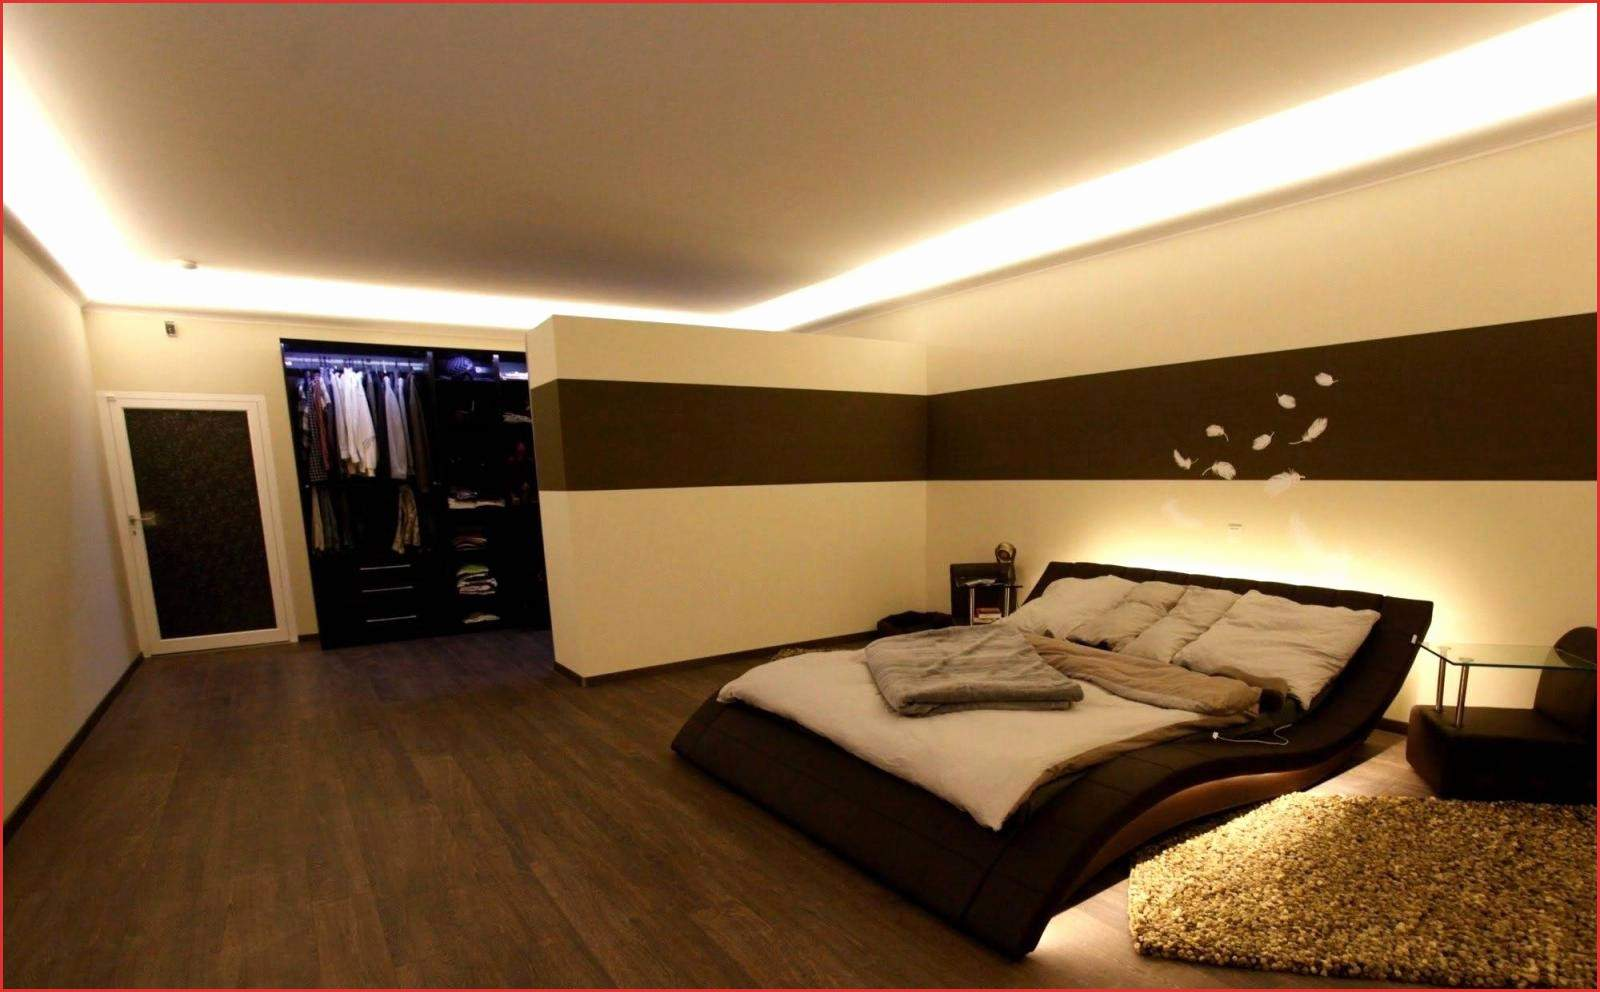 Full Size of Indirekte Beleuchtung Wohnzimmer Wand Indirekte Beleuchtung Für Wohnzimmer Indirekte Beleuchtung Wohnzimmer Modern Indirekte Beleuchtung Wohnzimmer Diy Wohnzimmer Indirekte Beleuchtung Wohnzimmer